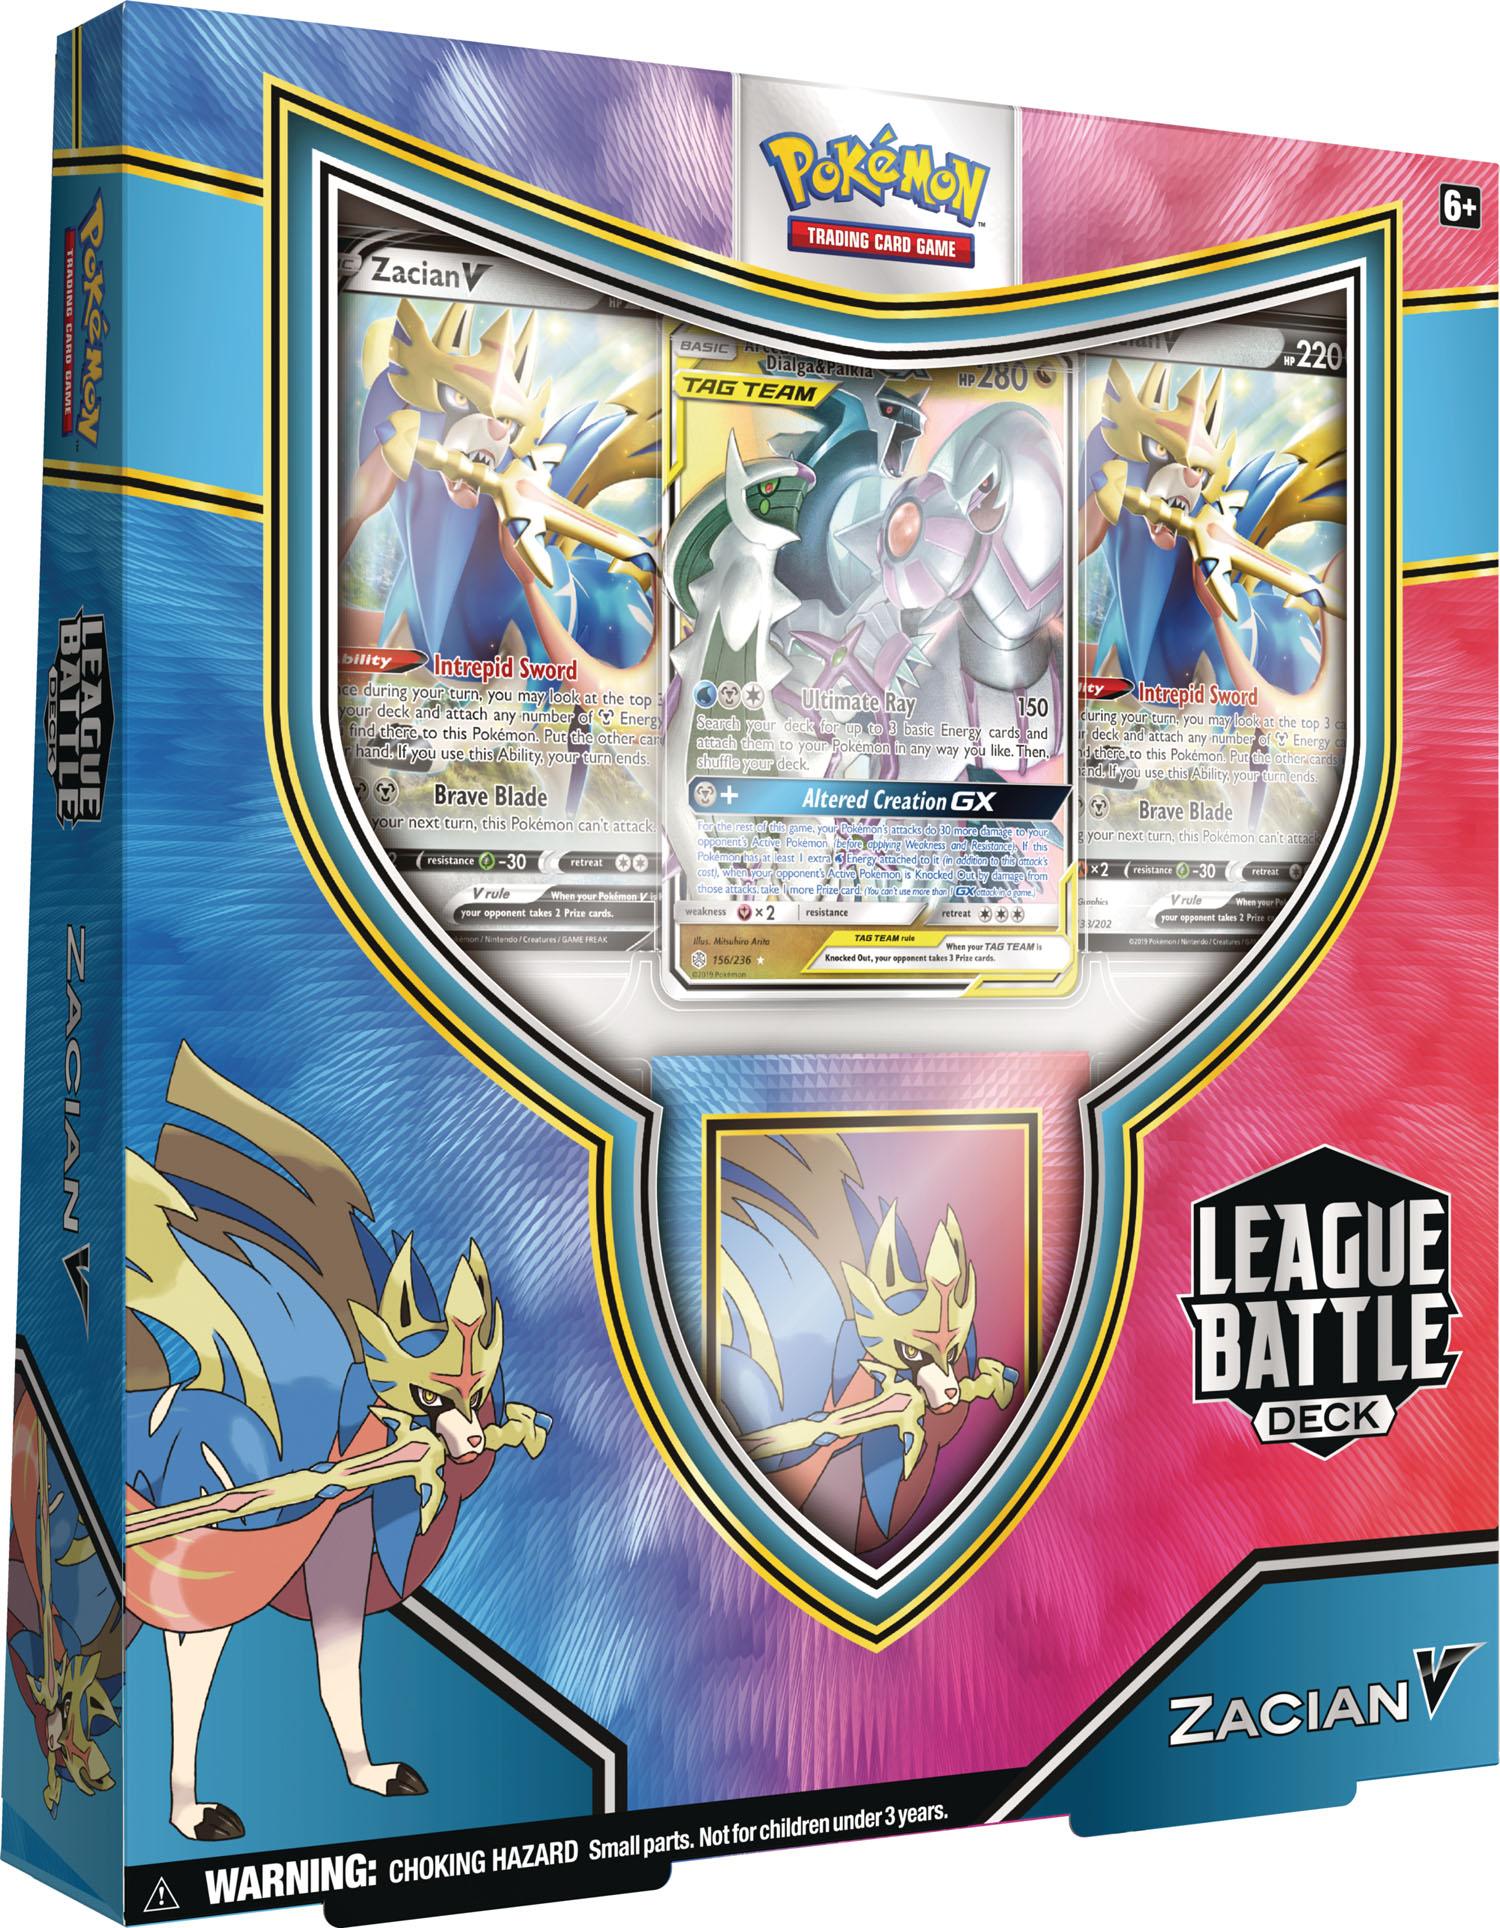 Pokemon League Battle Deck - Zacian V